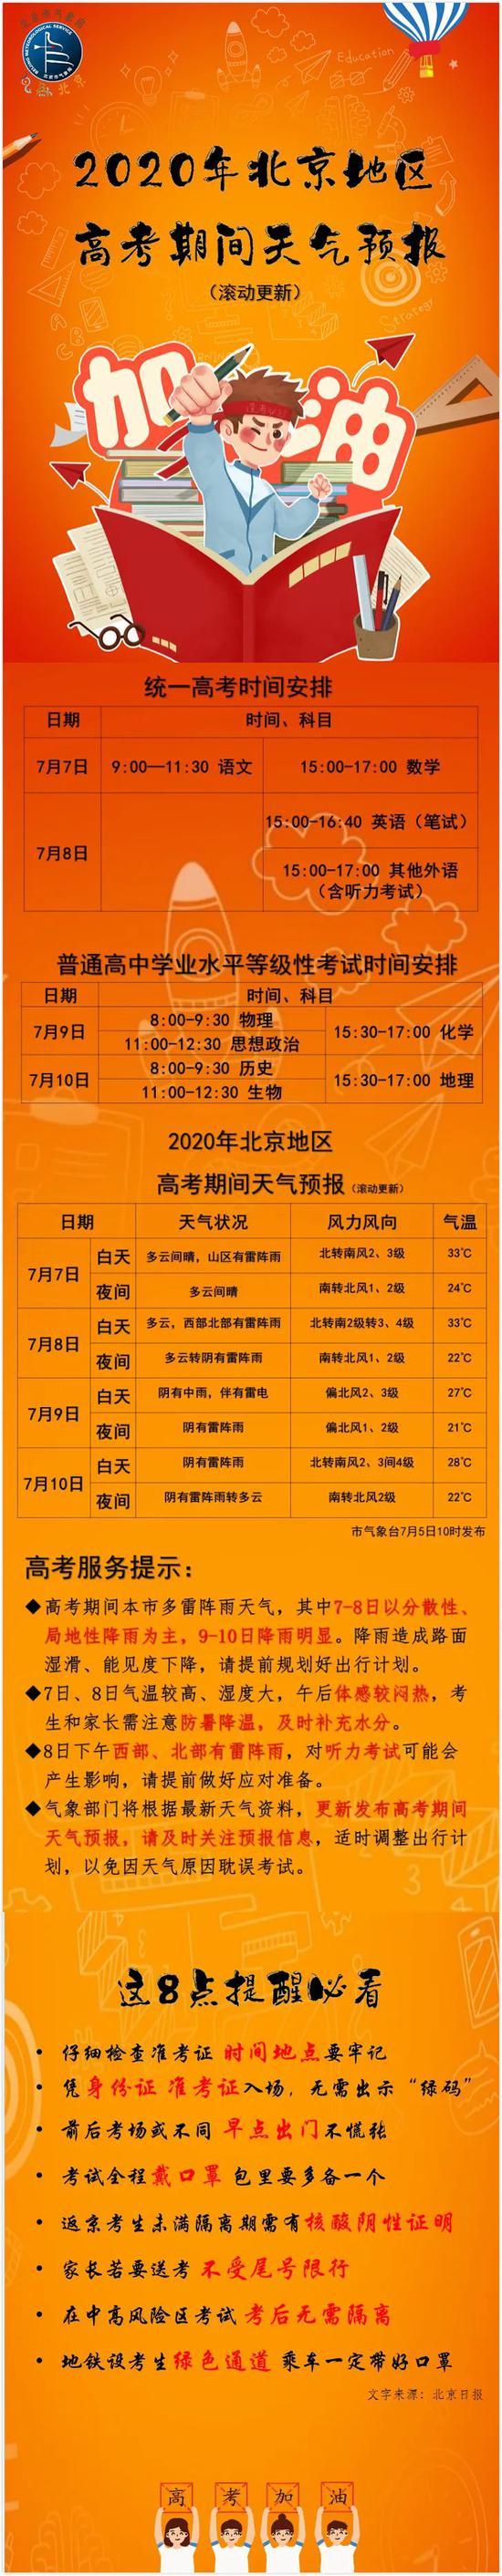 4天都有雷阵雨!2020年北京地区高考期间天气预报图片